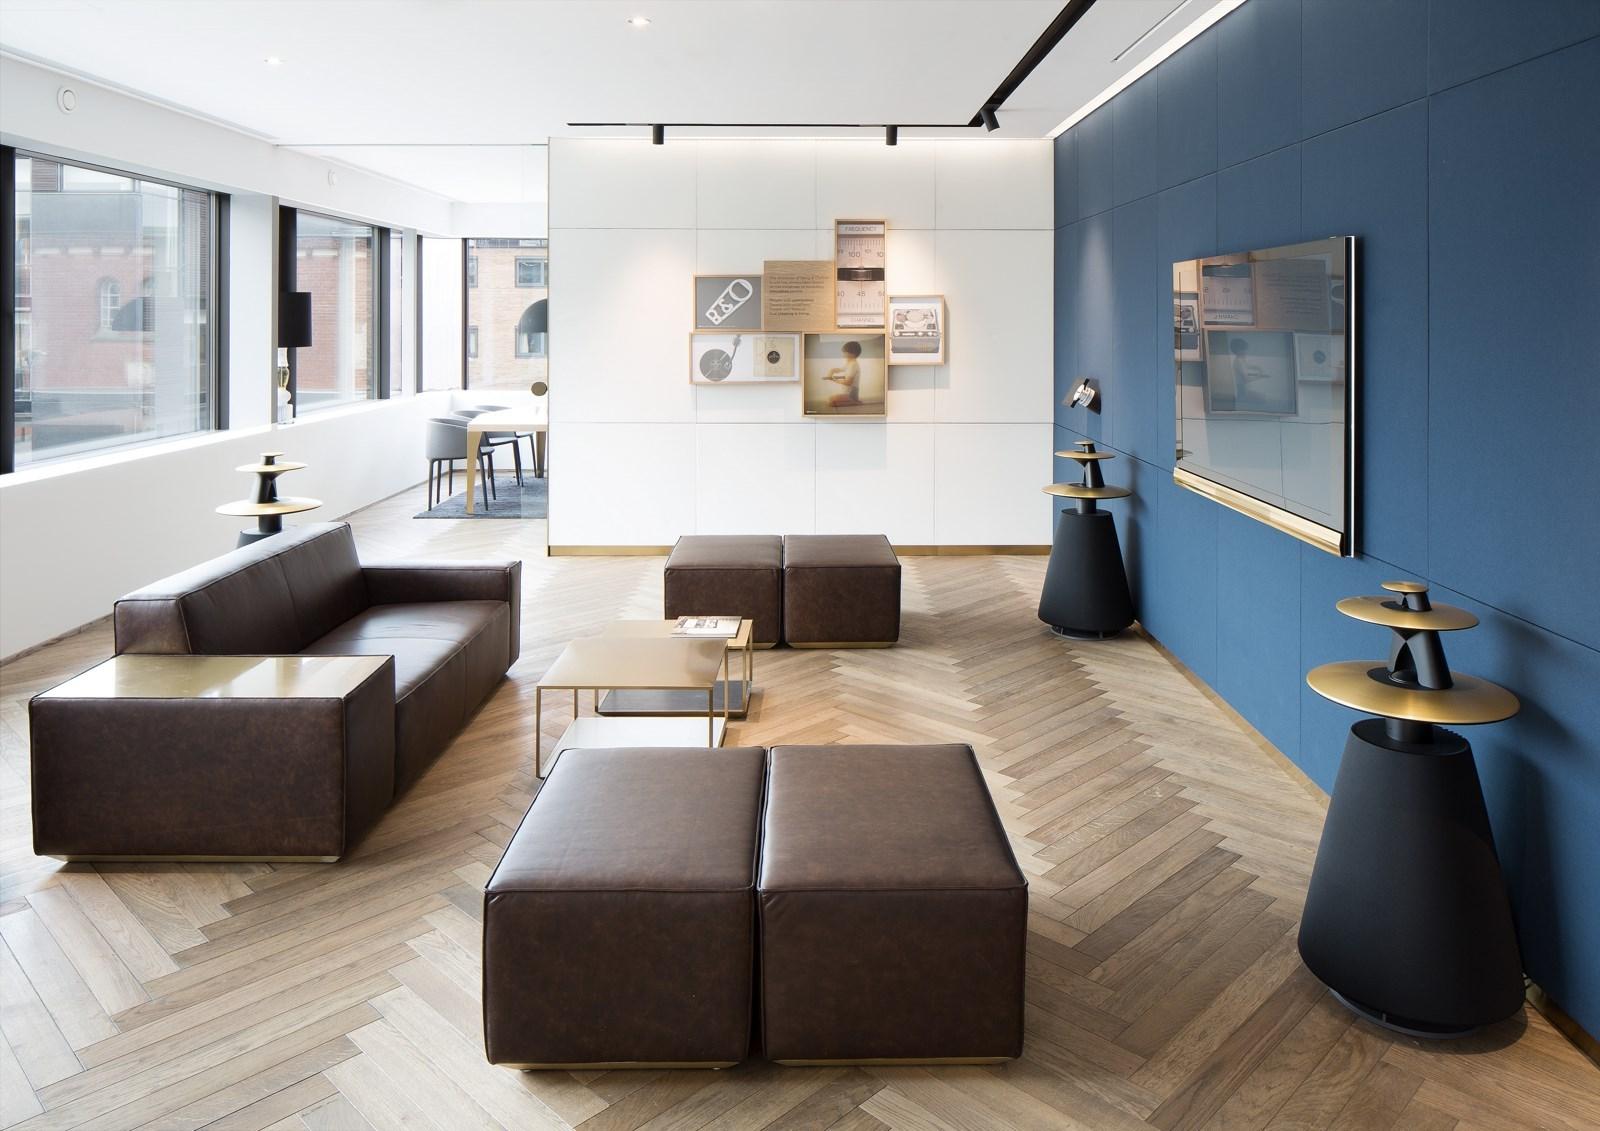 b o tager guldet i herning. Black Bedroom Furniture Sets. Home Design Ideas